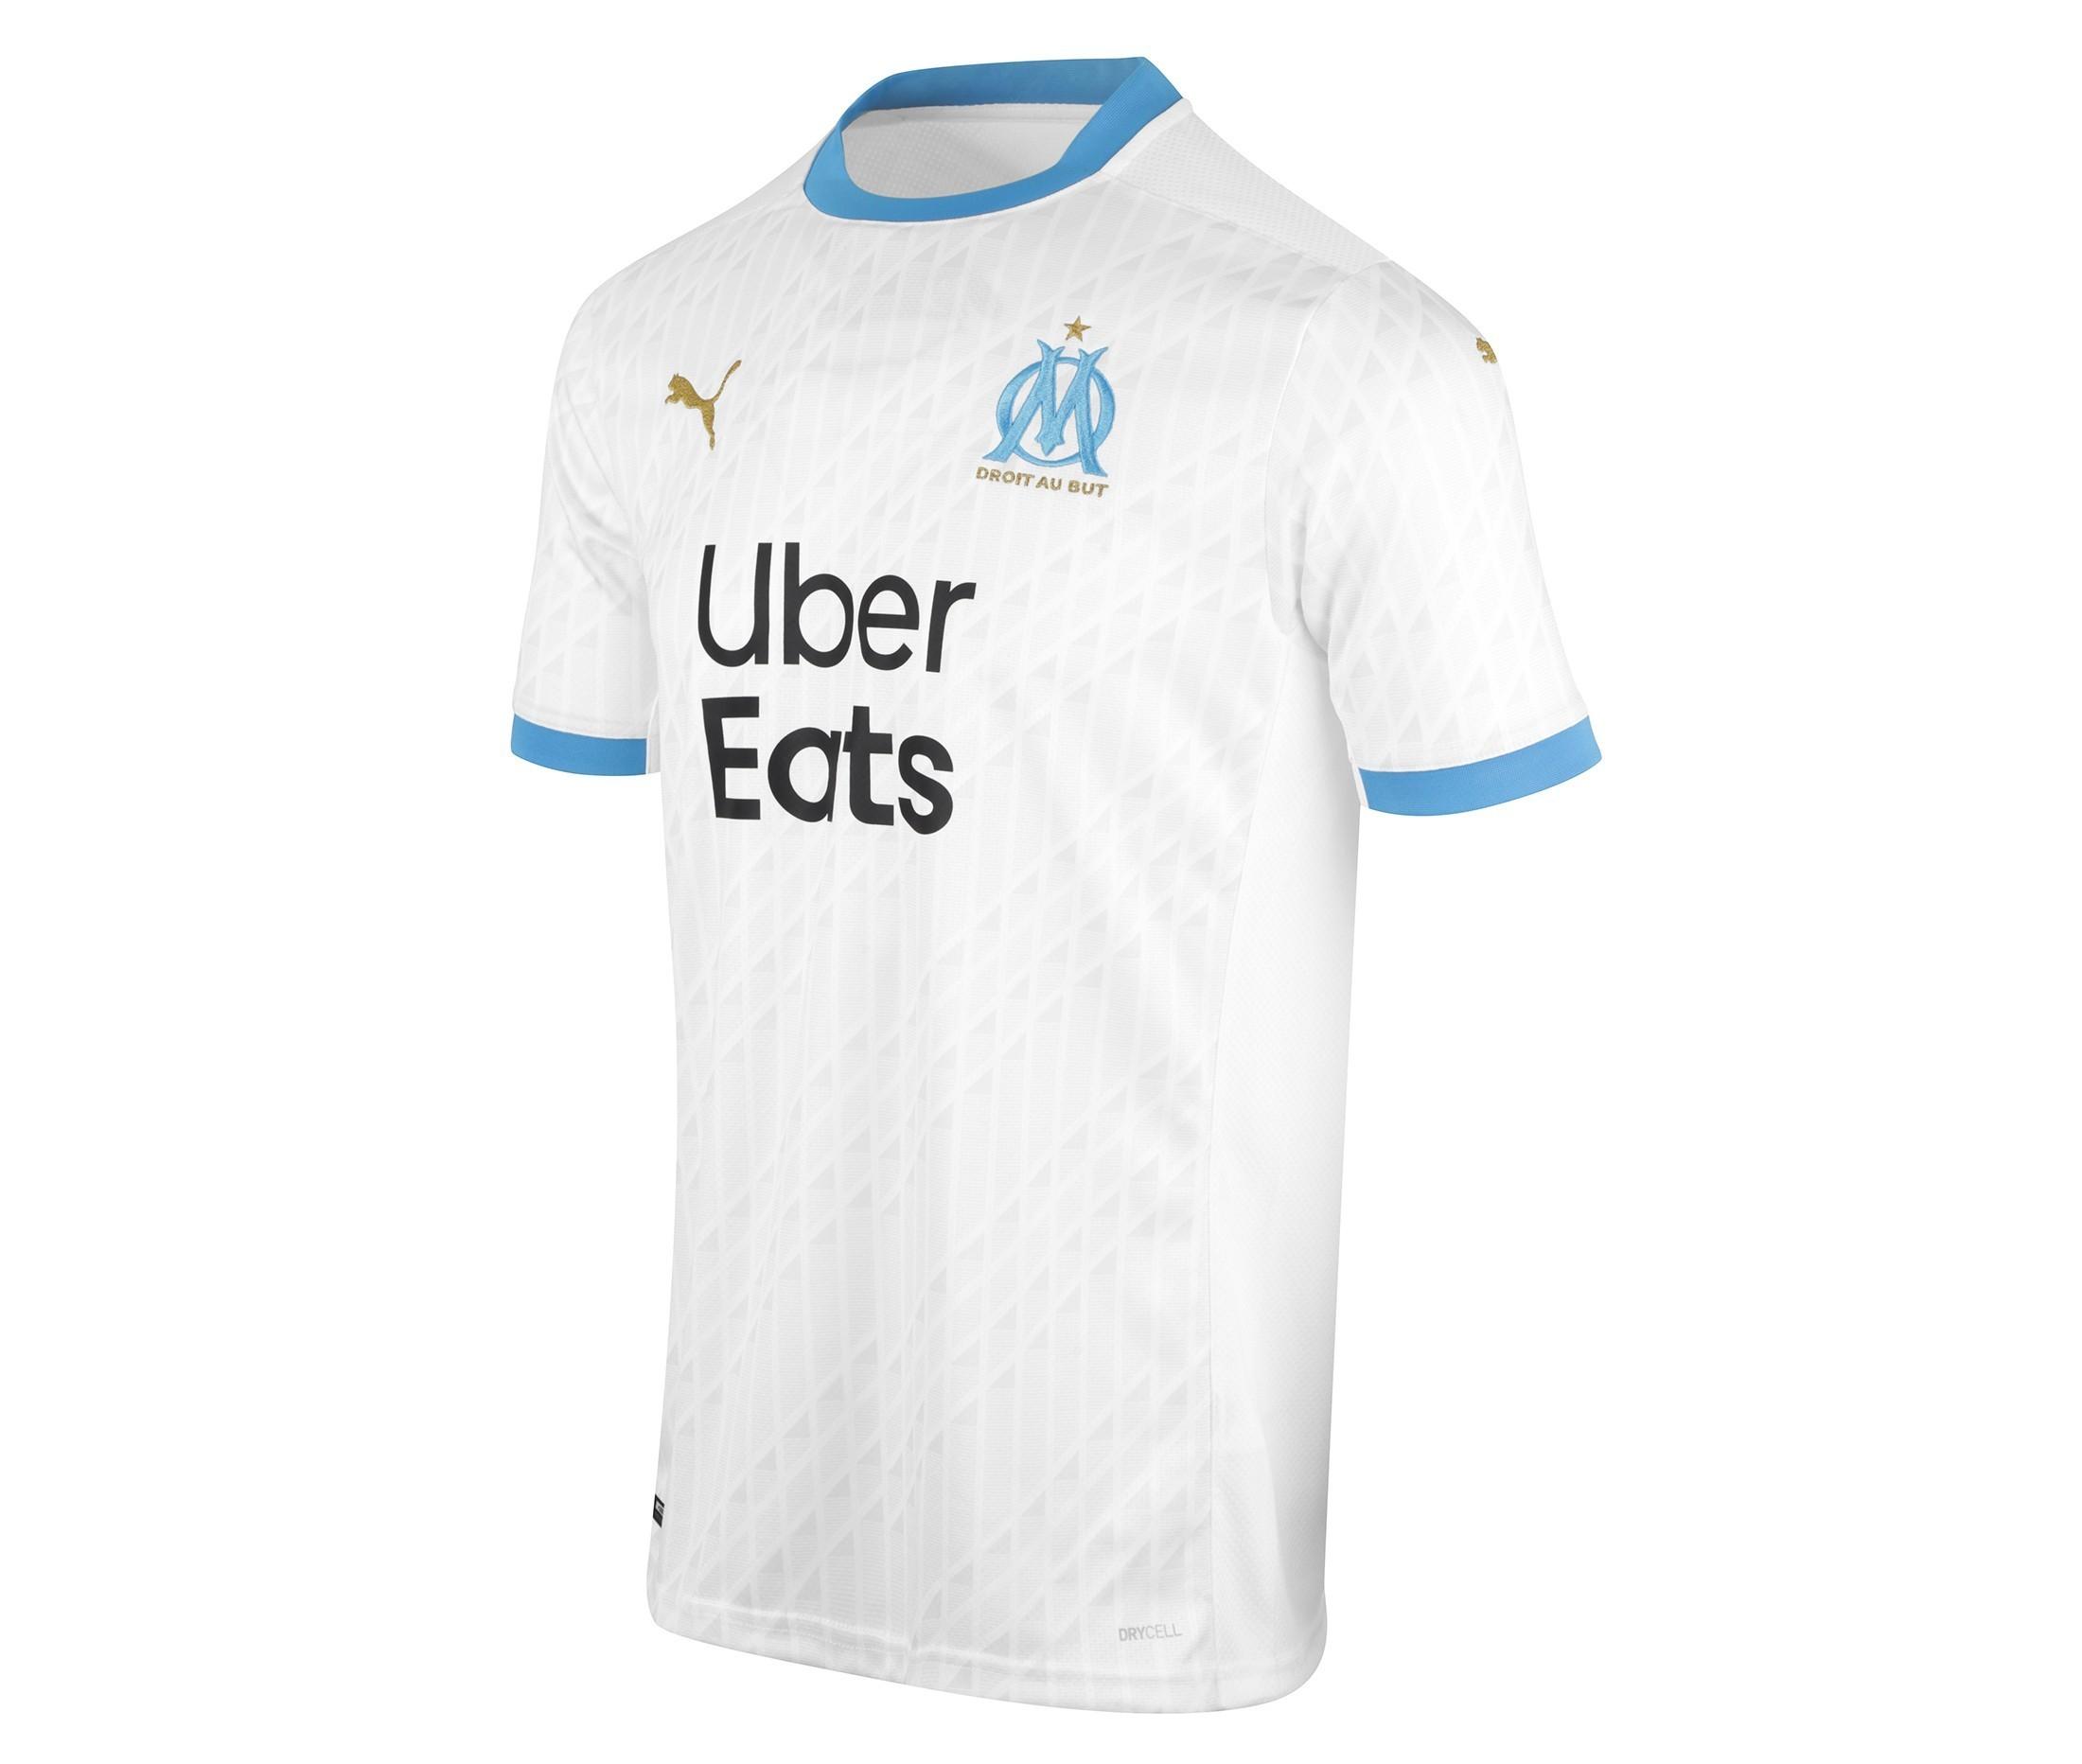 OLYMPIQUE DE MARSEILLE Olympique Marsiglia Shirt Om/ /Collezione Ufficiale Taglia Uomo